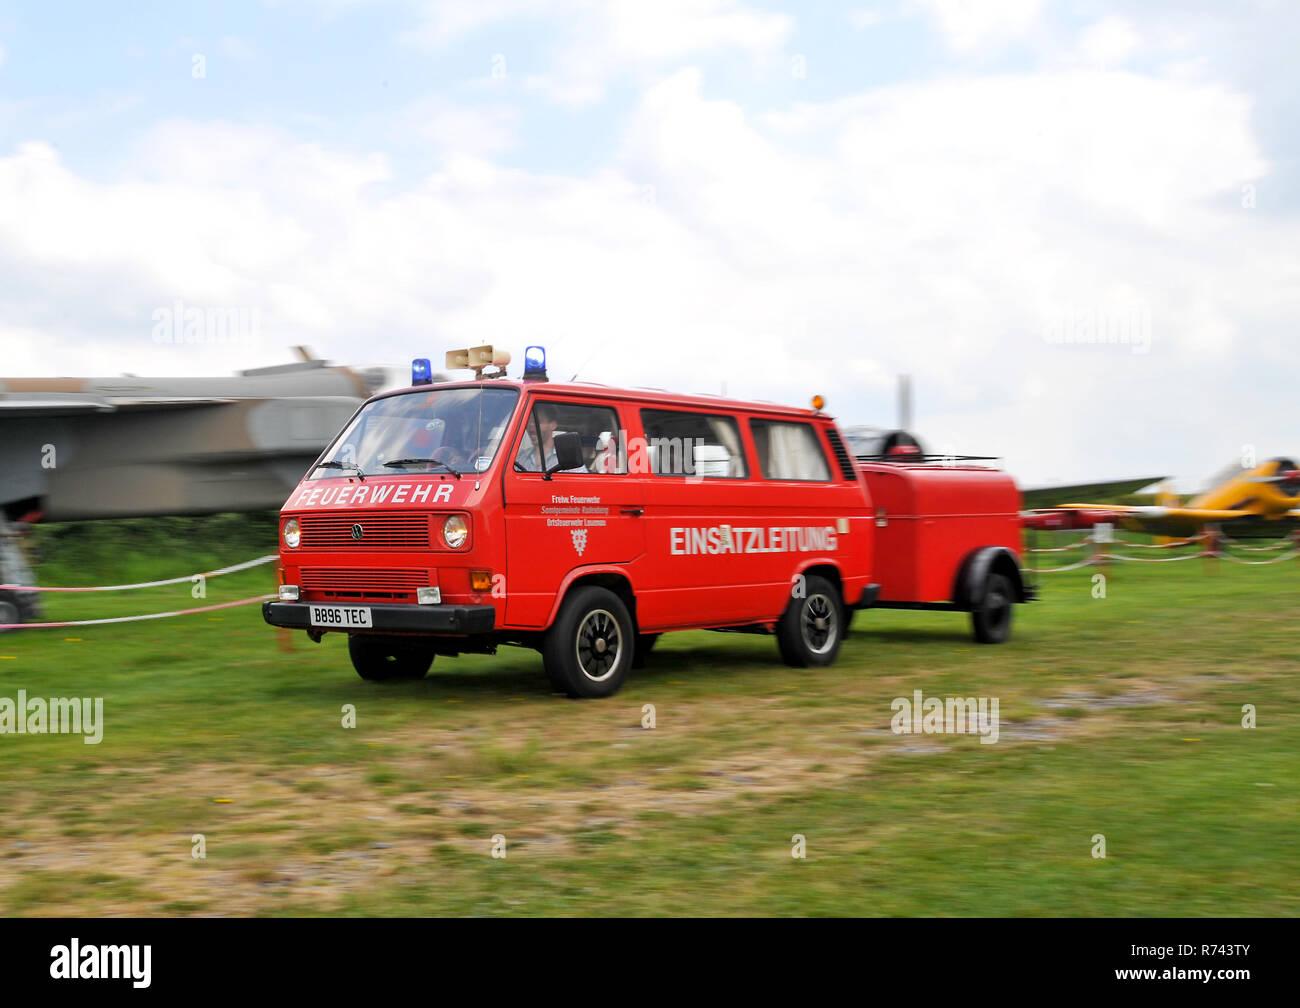 Volkswagen T25 Feuerwehr - German Fire department vehicle - converted into a camper van - Stock Image